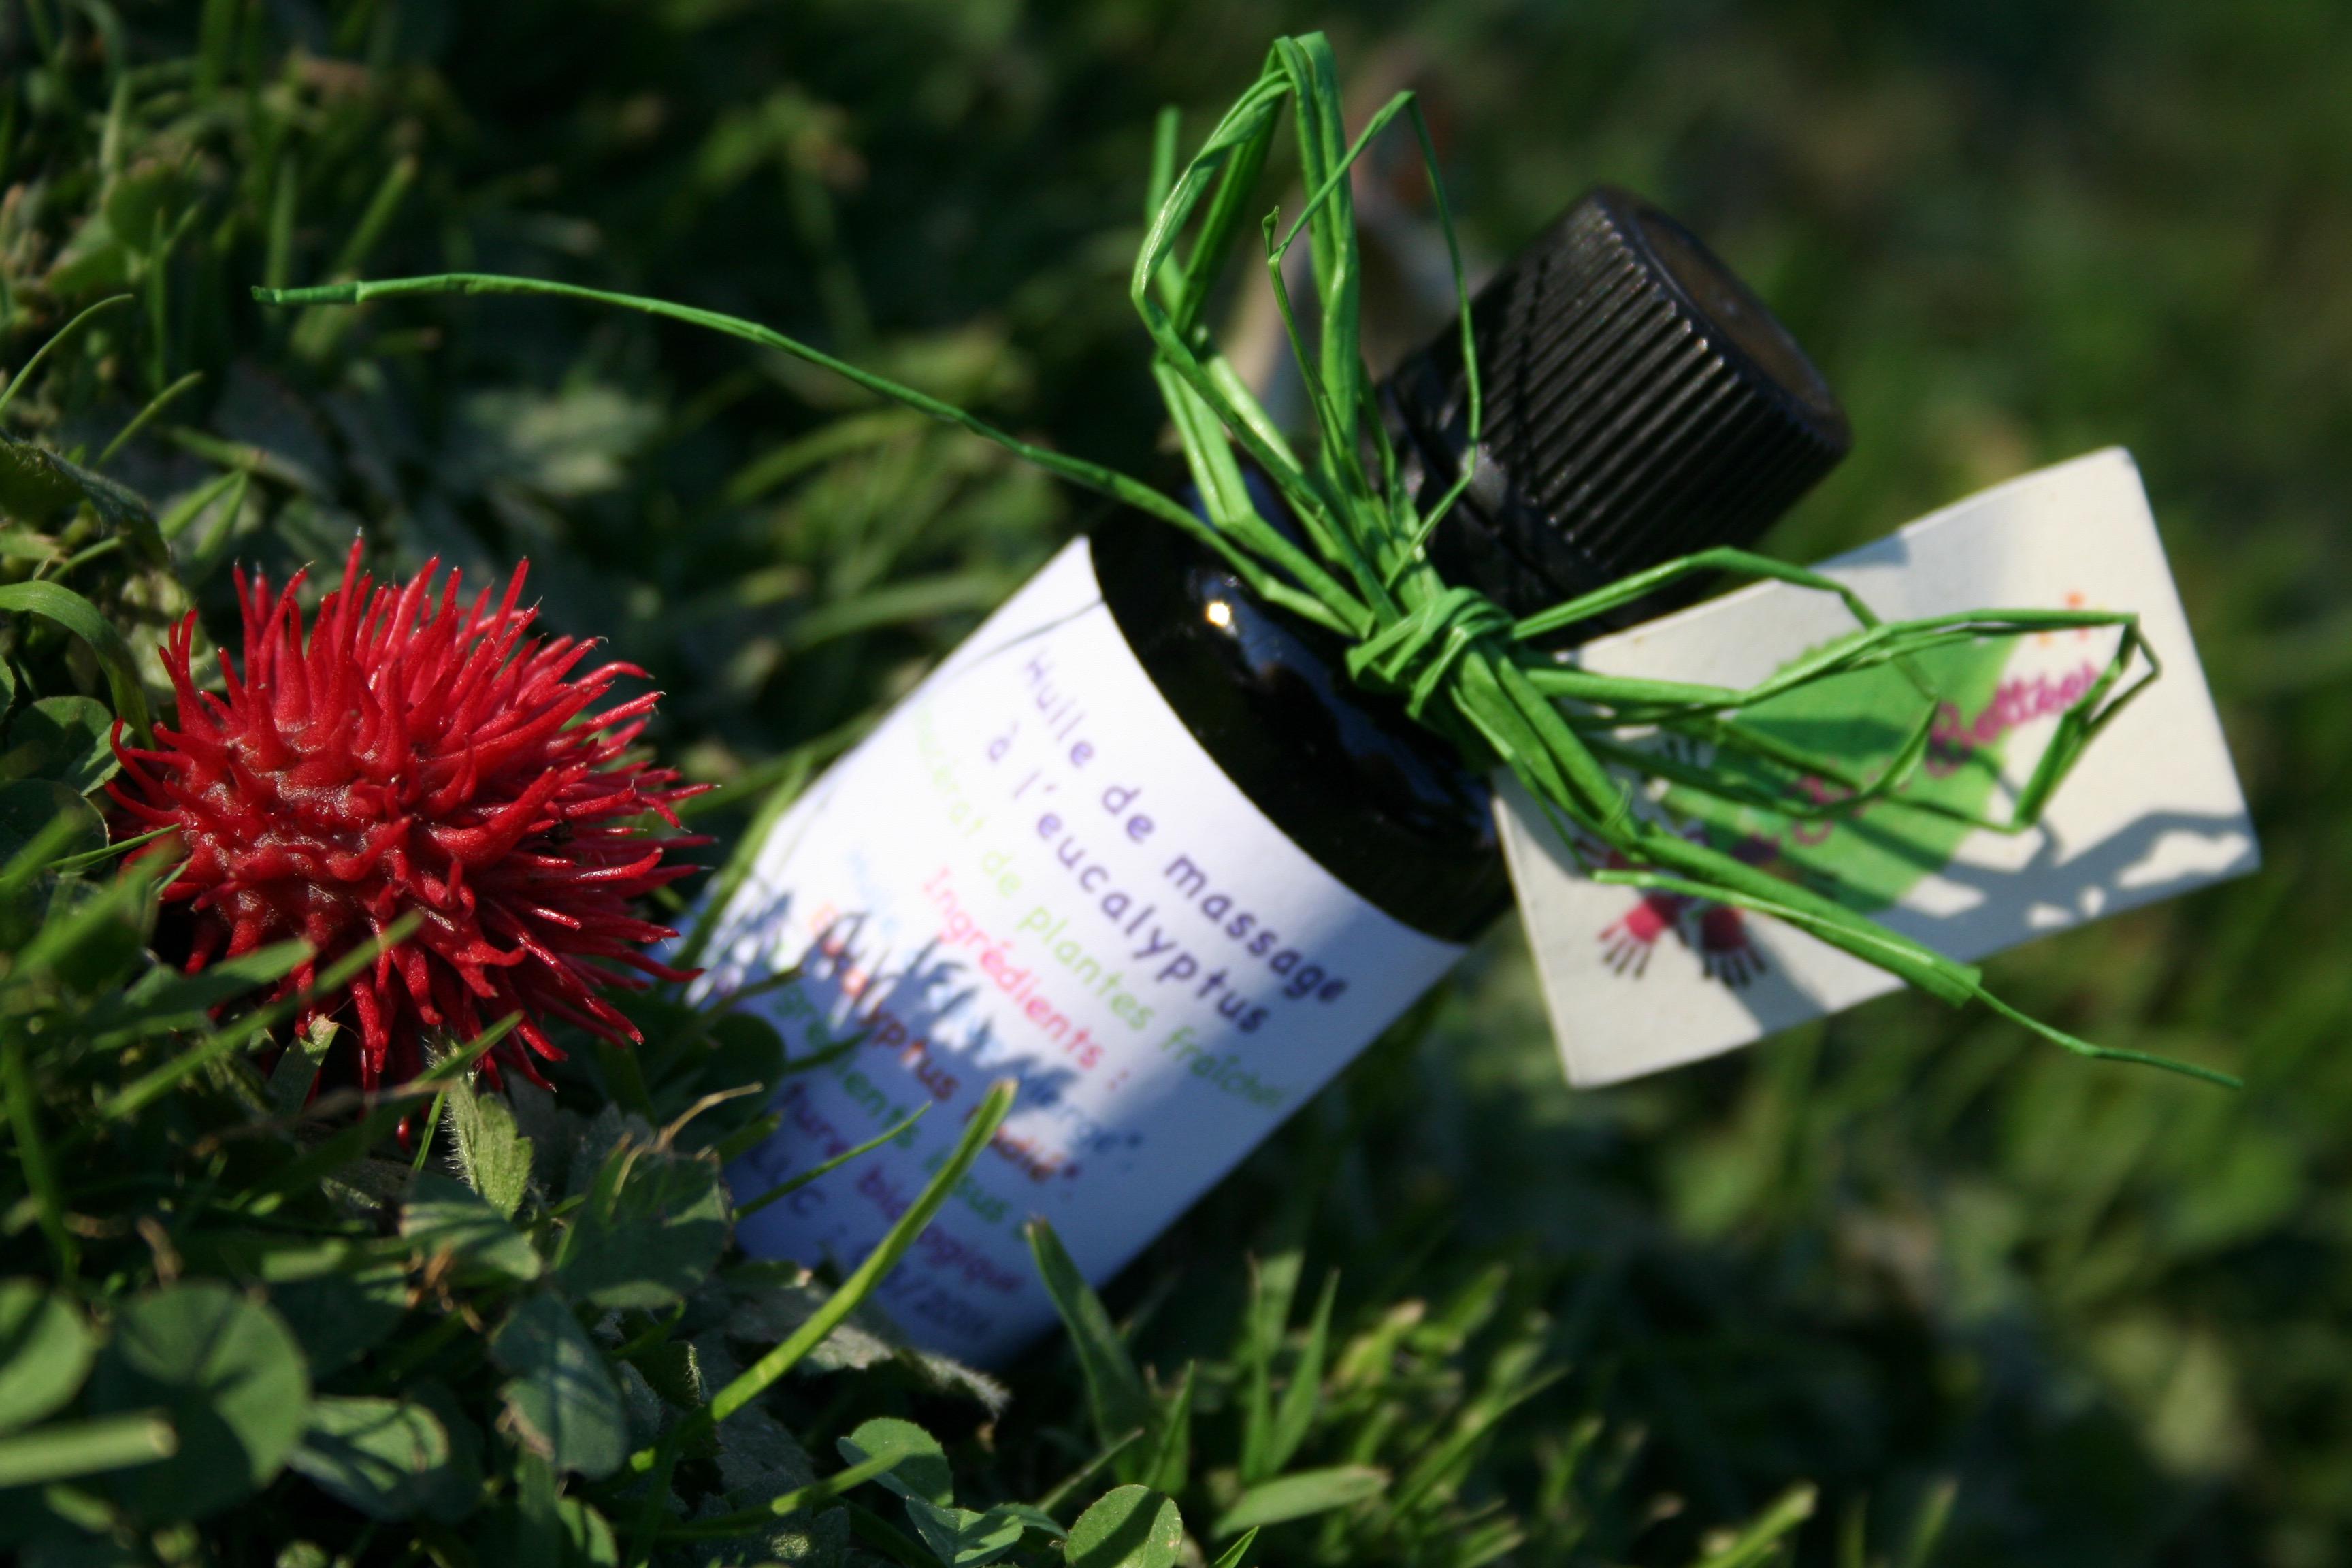 Huile massage eucalyptus radié 30ml